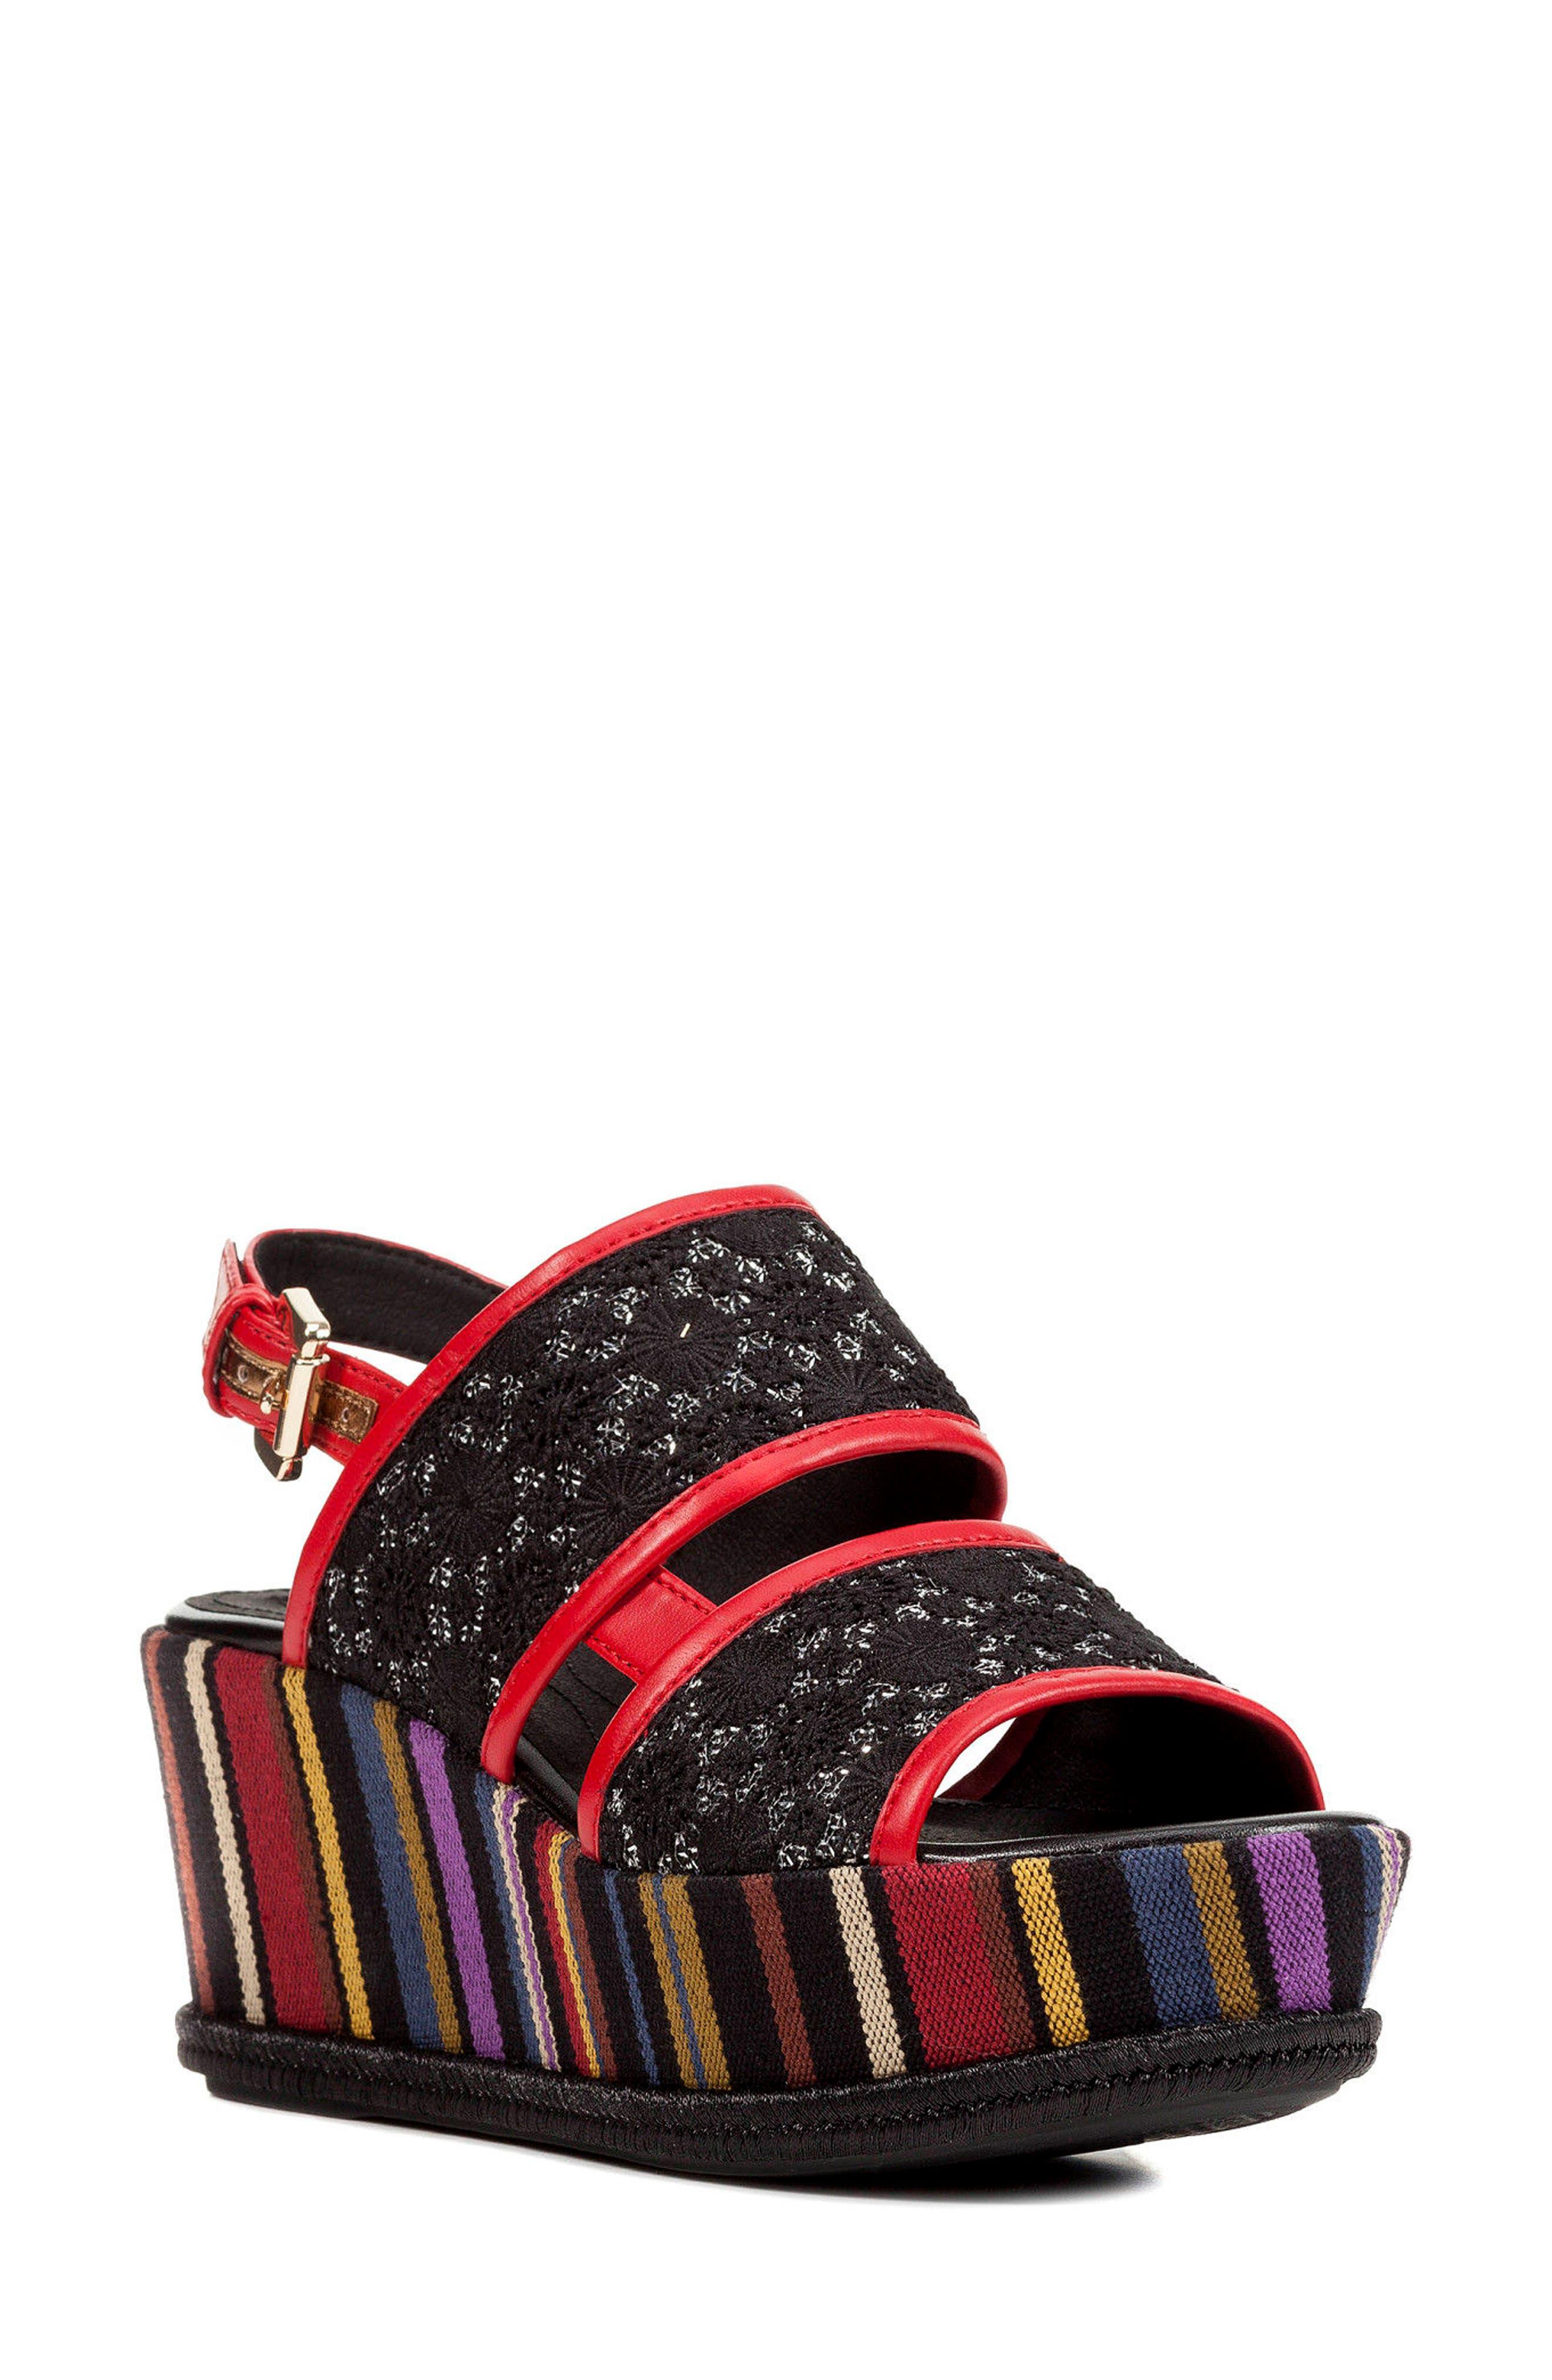 Geox Sakely Platform Wedge Sandal (Women)